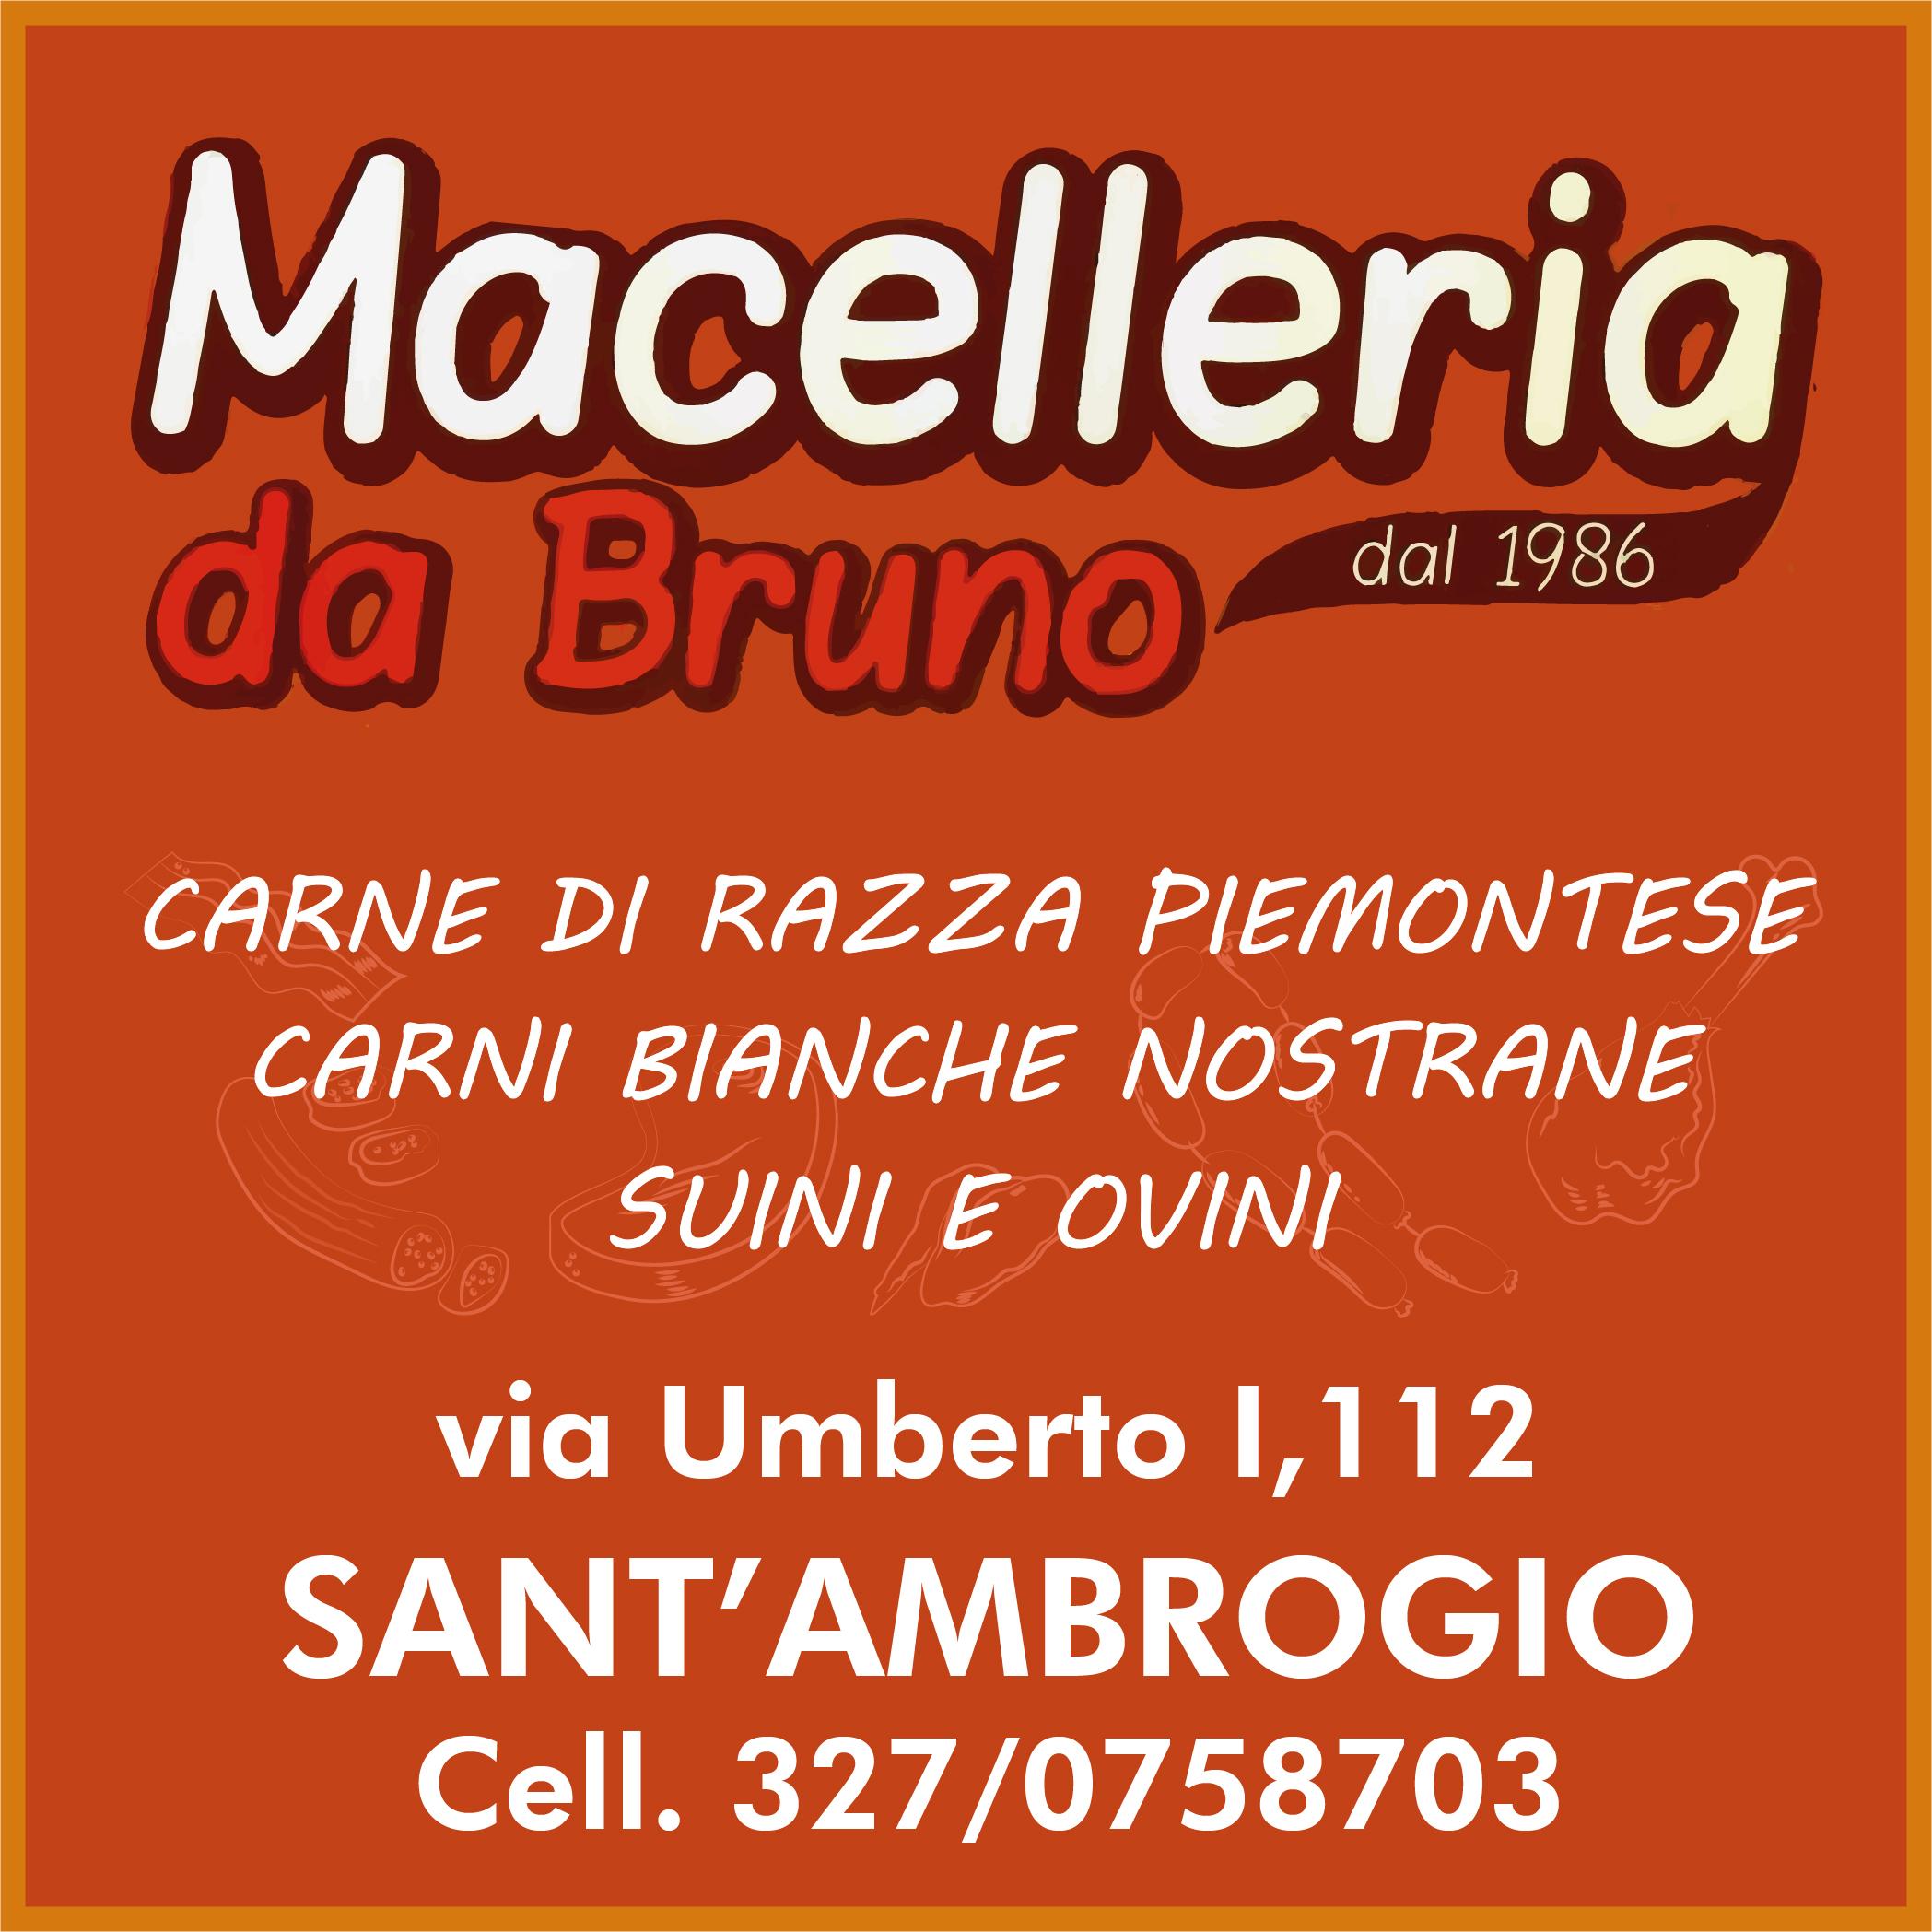 MACELLERIA BRUNO